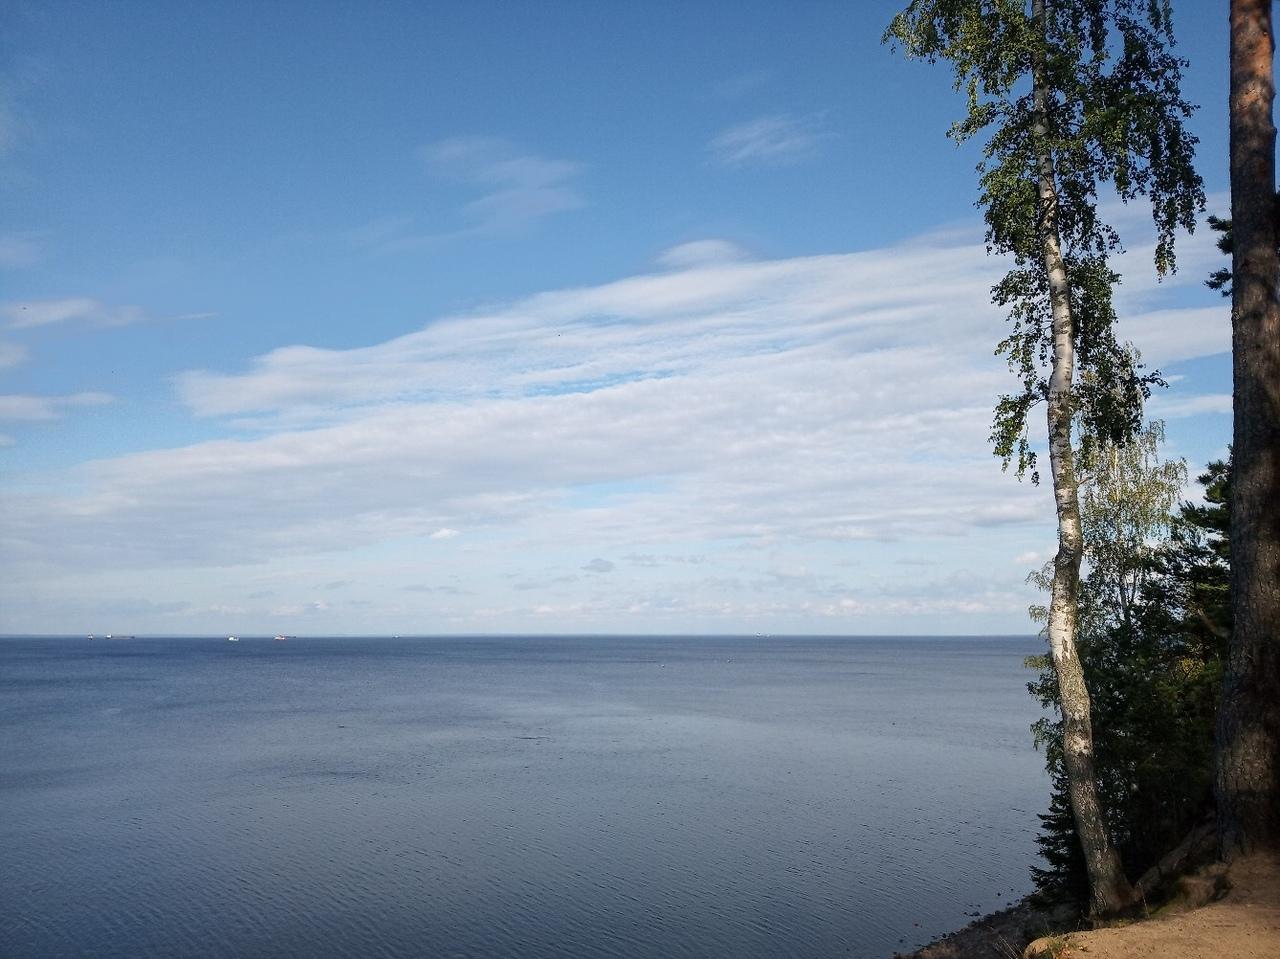 Финский залив. Фото  vk.com/fort_f